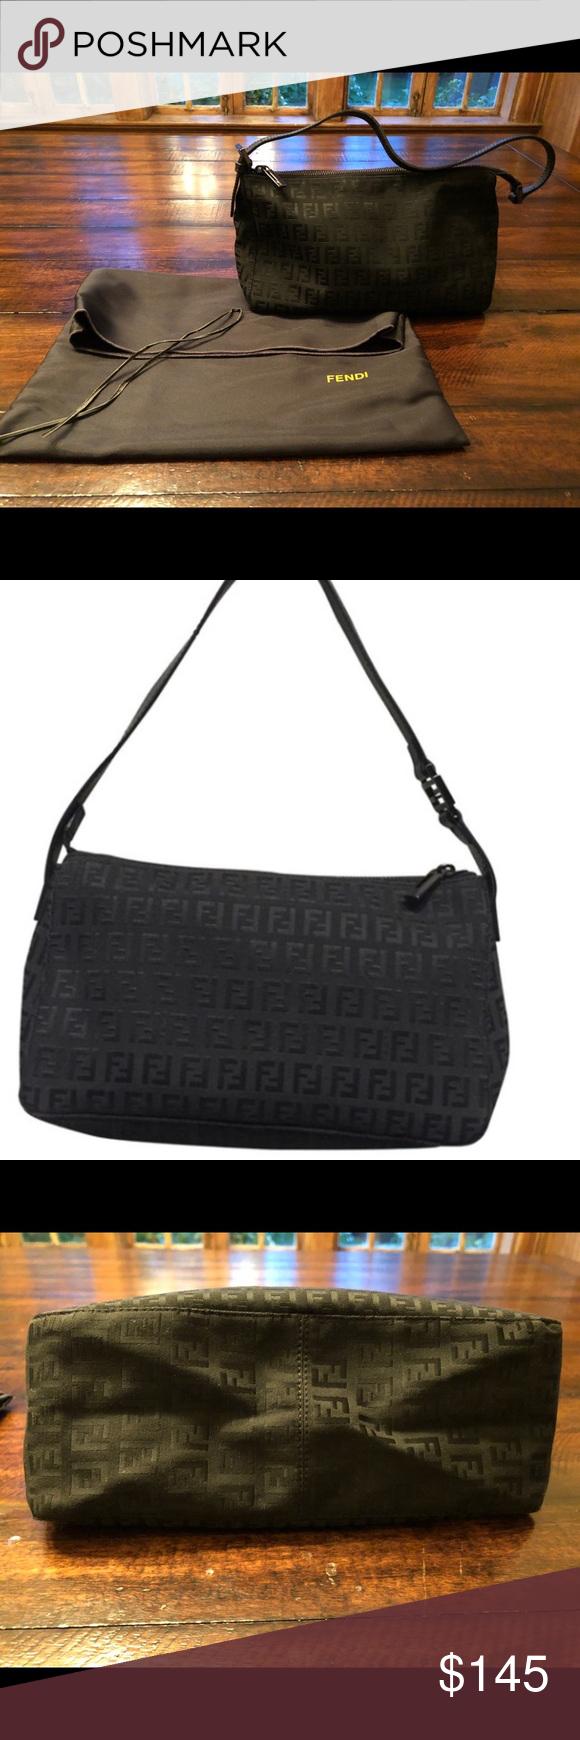 199c2cc8c32 Fendi Zucca Monogram Black Canvas Shoulder Bag Zucca Monogram Leather  (30453) Black Canvas Shoulder